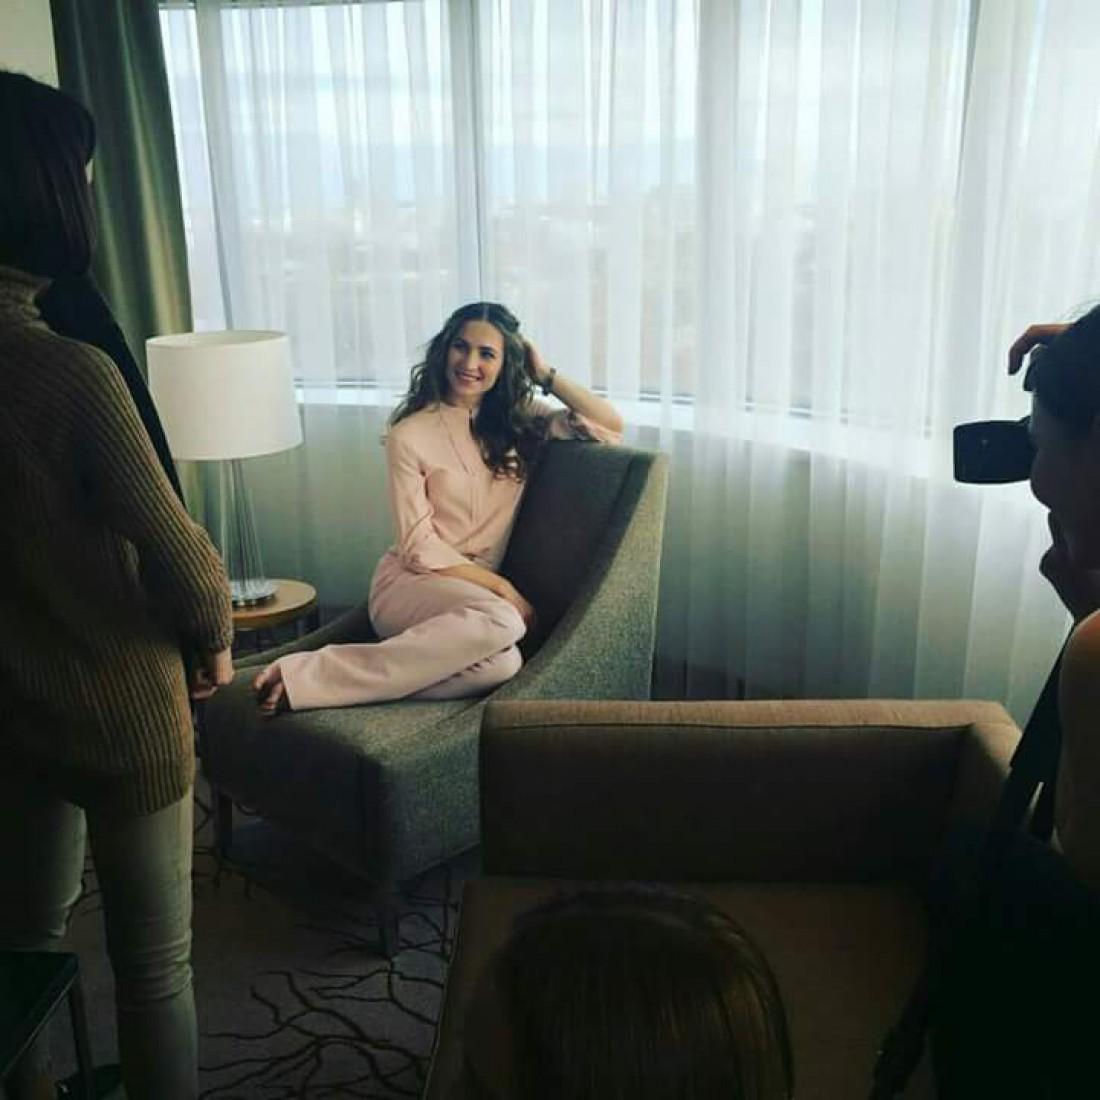 Дарья Домрачева позирует во время фотосессии